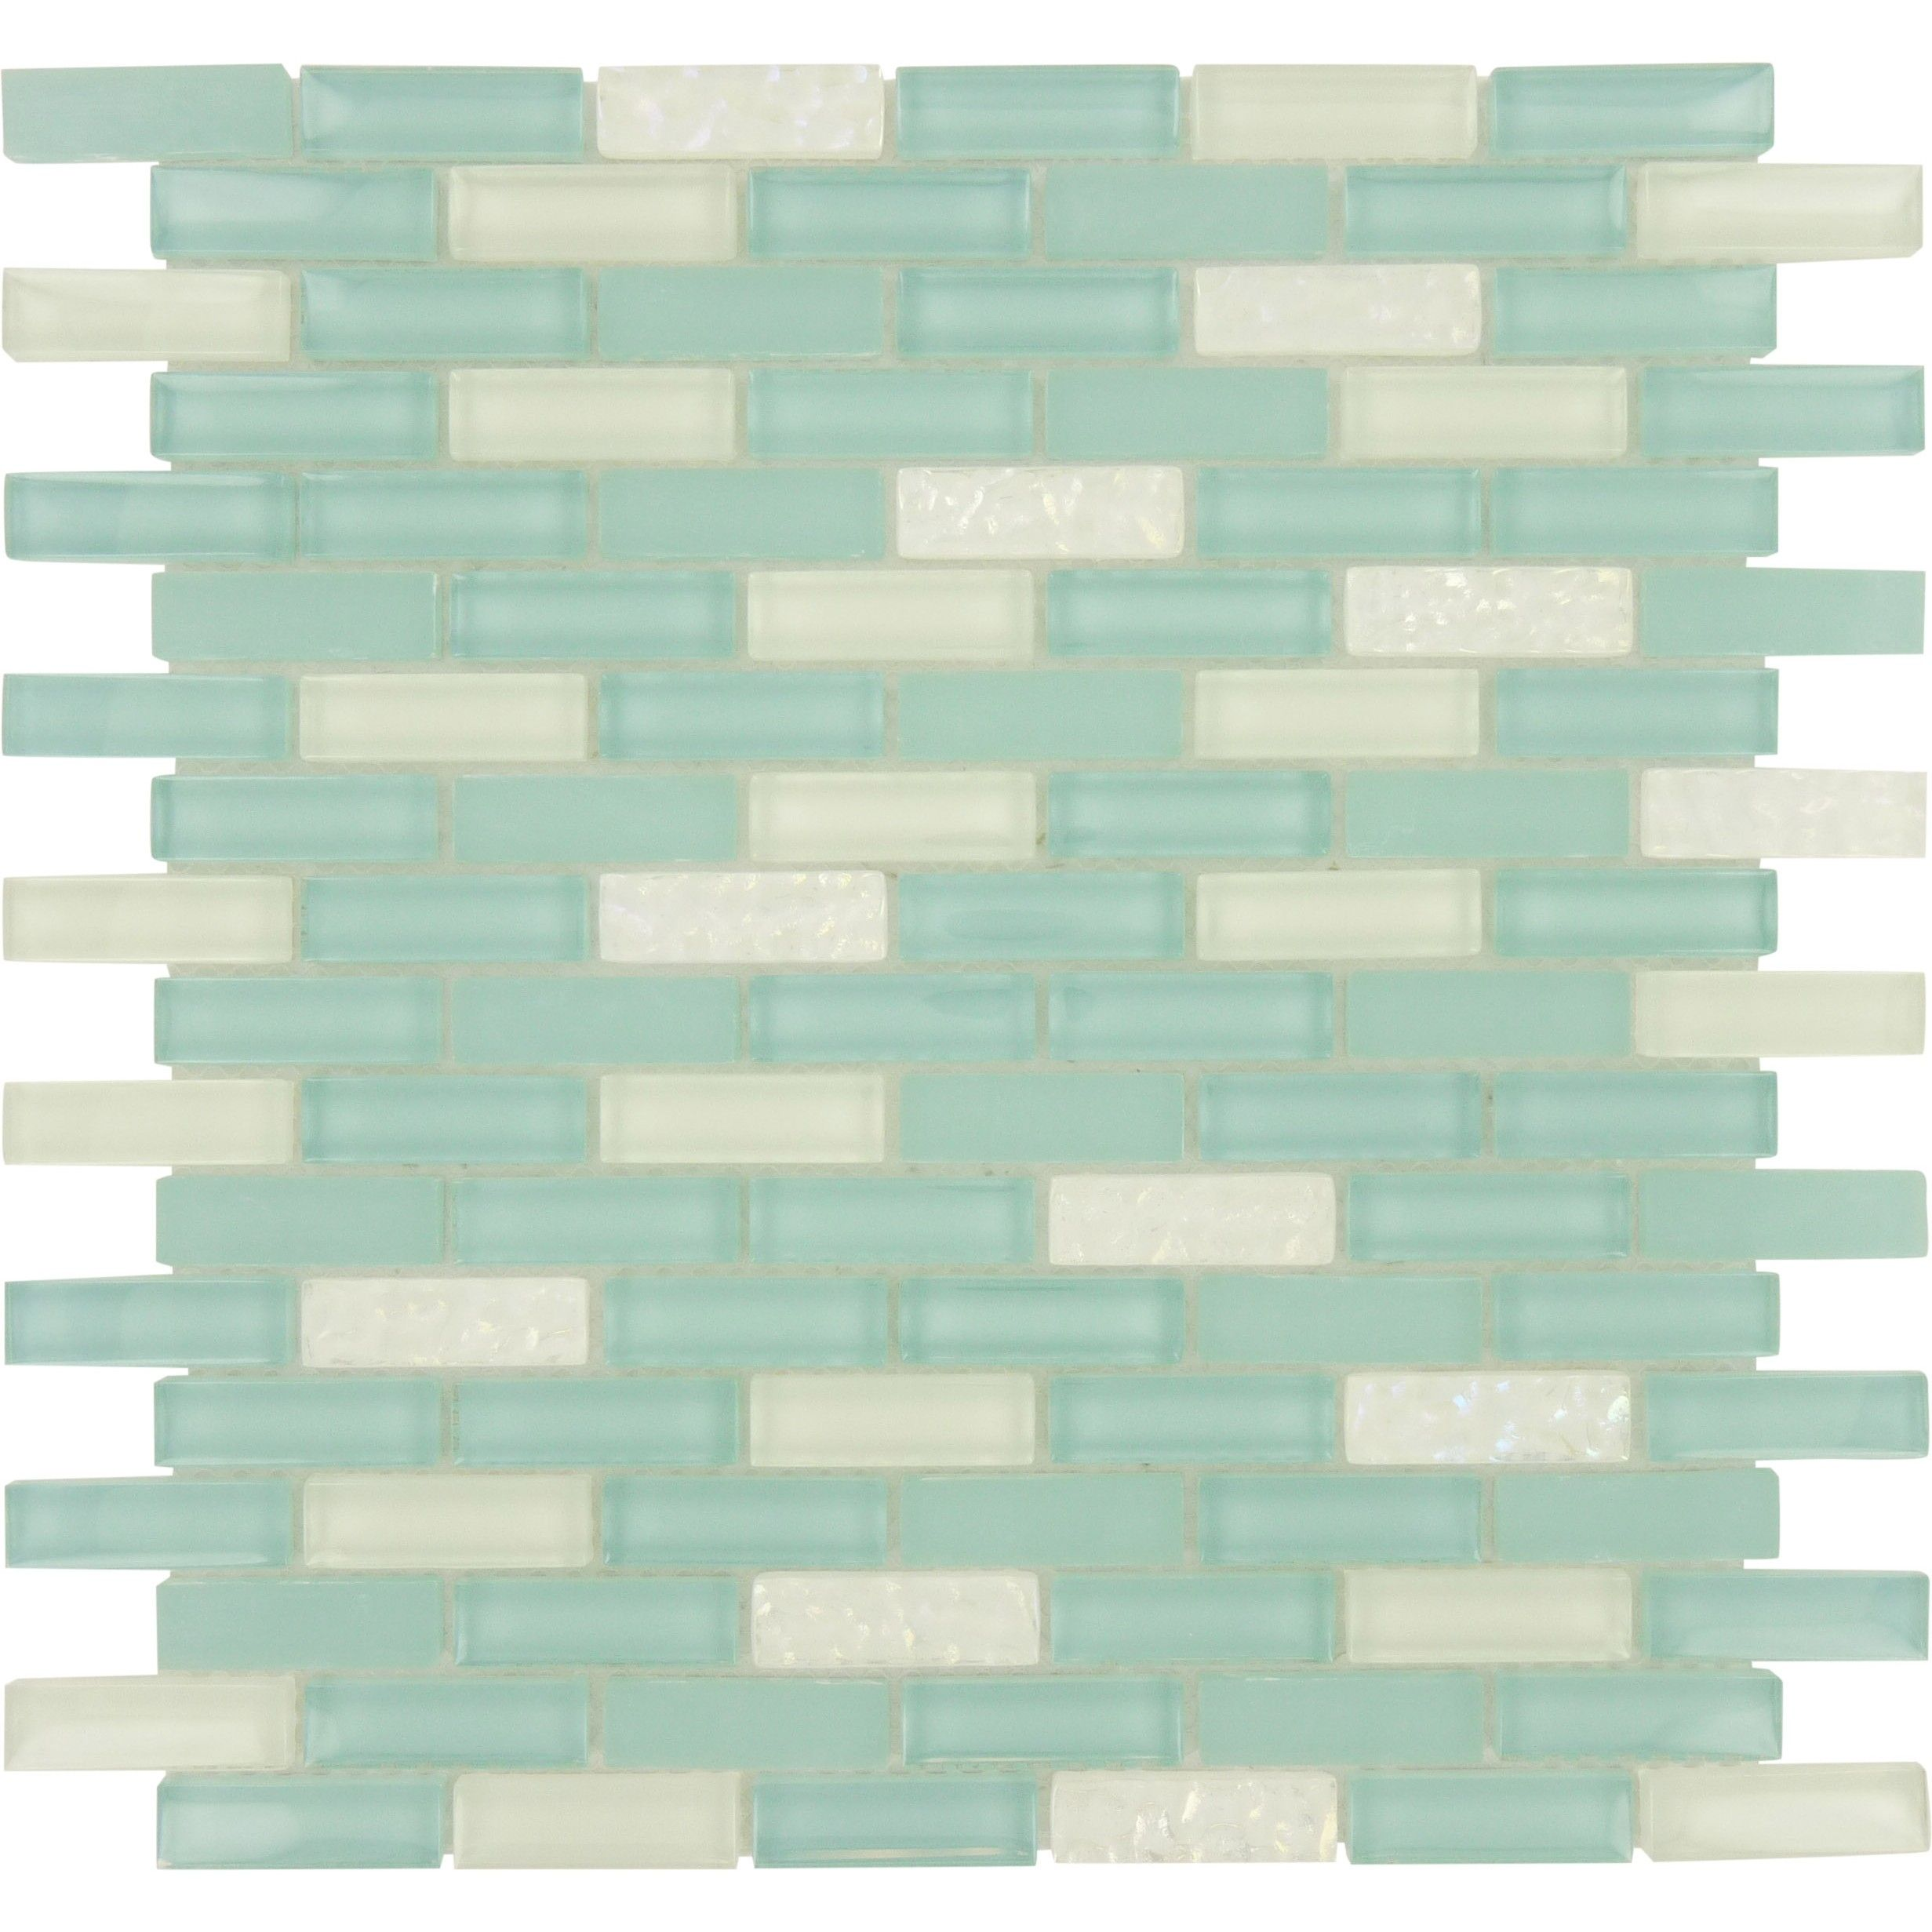 """Sheet Size: 11 3/4"""" X 11 7/8"""" Tile Size: 5/8"""" X 1 7/8"""